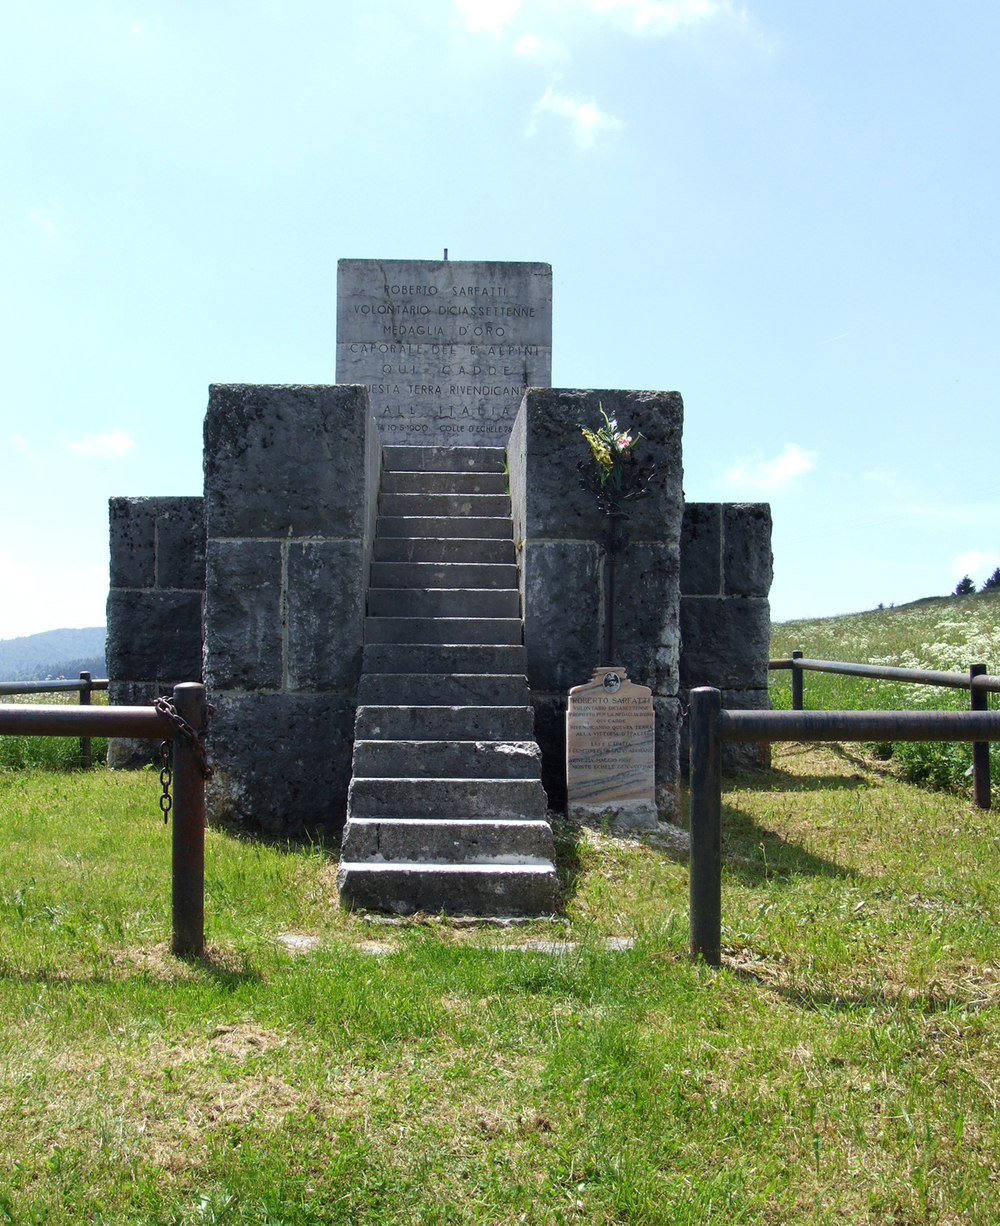 11 - monumento a sarfatti.JPG